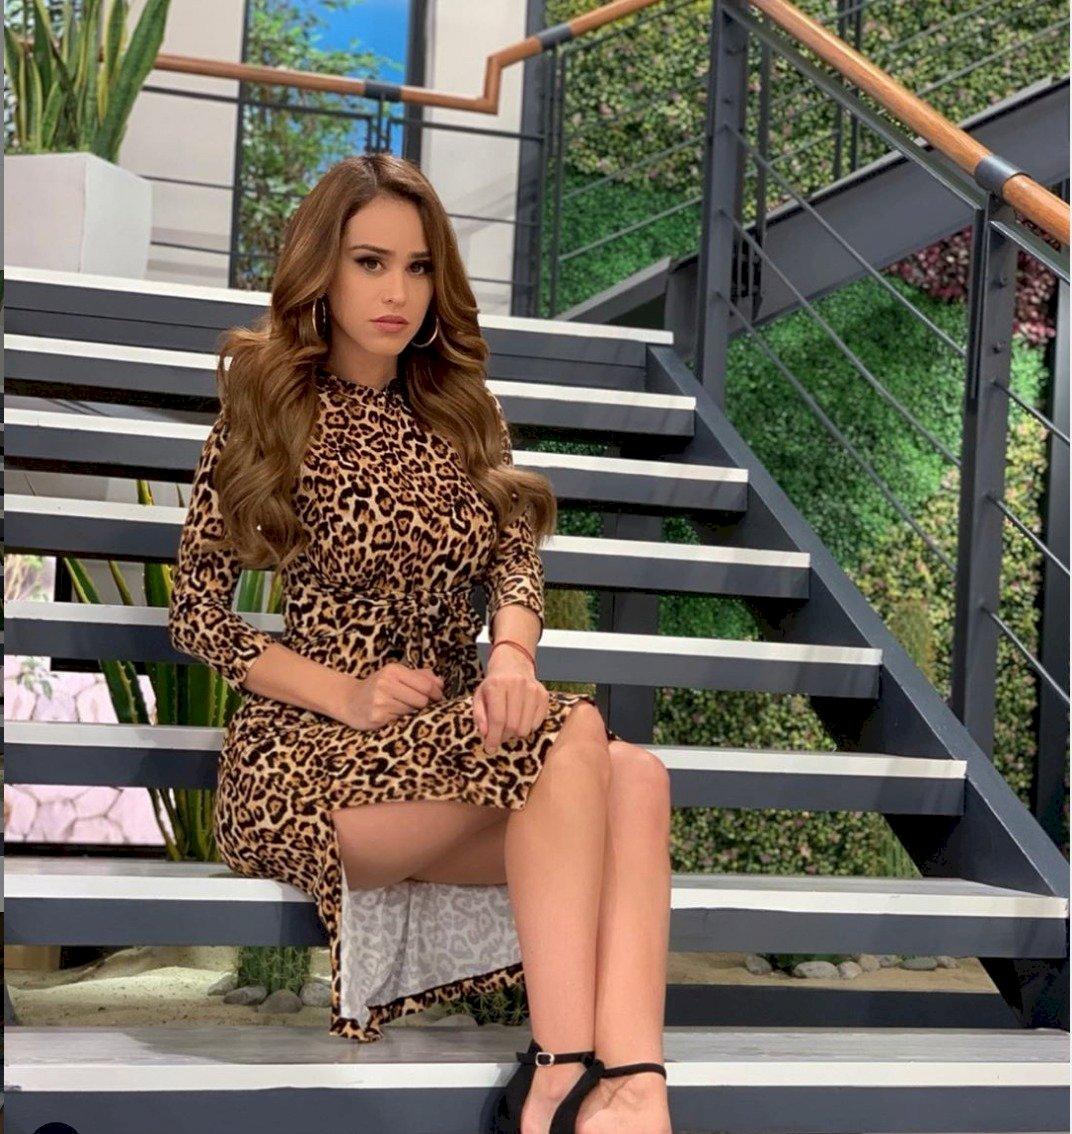 Yanet Gracía cuenta con 10.6 millones de seguidores en Instagram Instagram